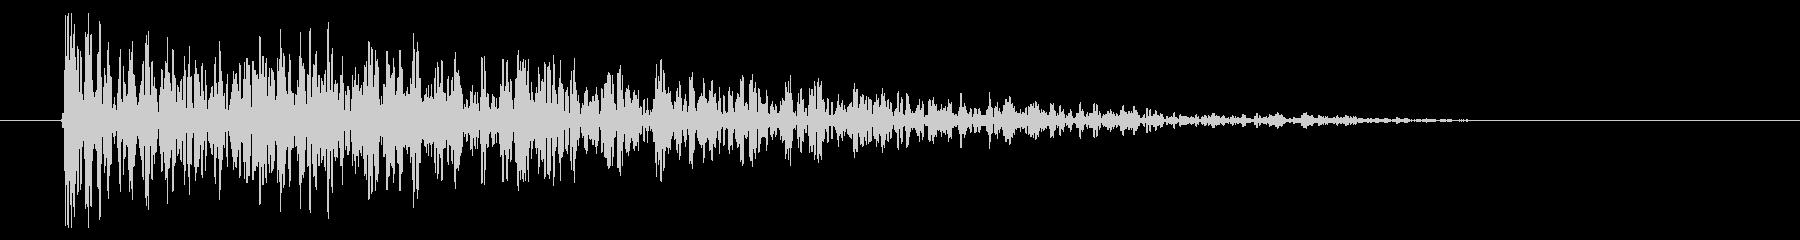 8ビット風爆発音-01-3_dryの未再生の波形